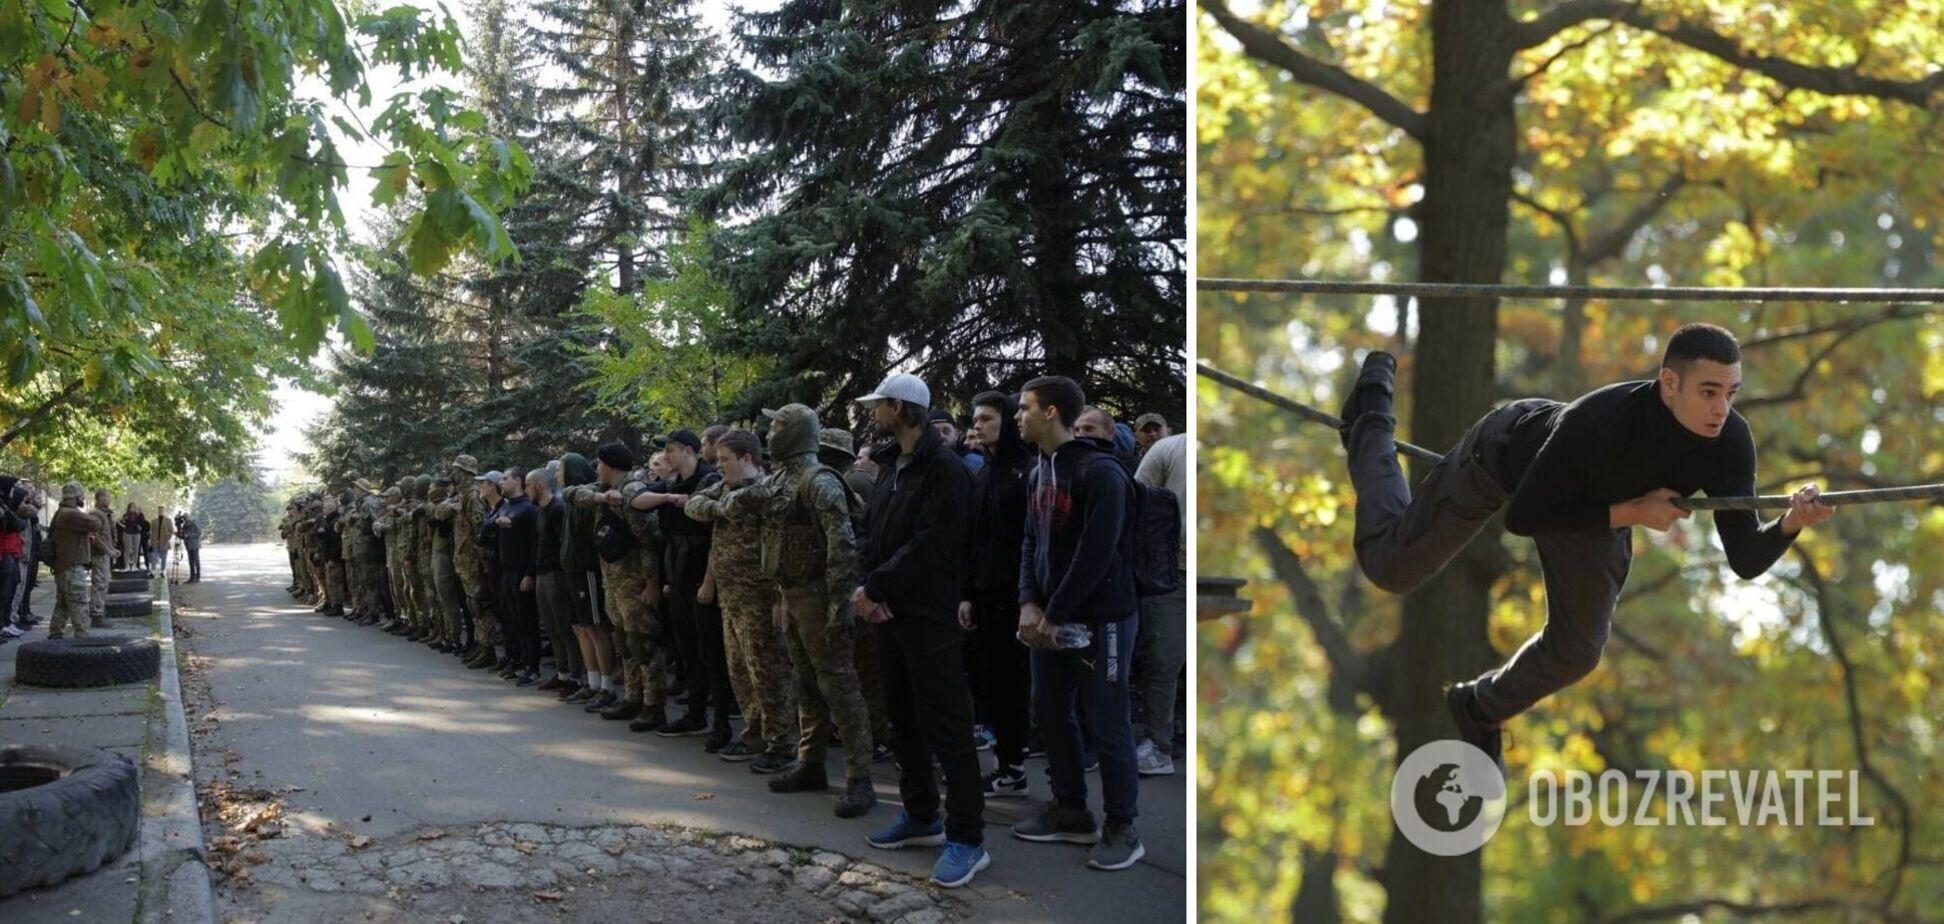 Білецький у Києві провів вишкіл з територіальної оборони. Фото